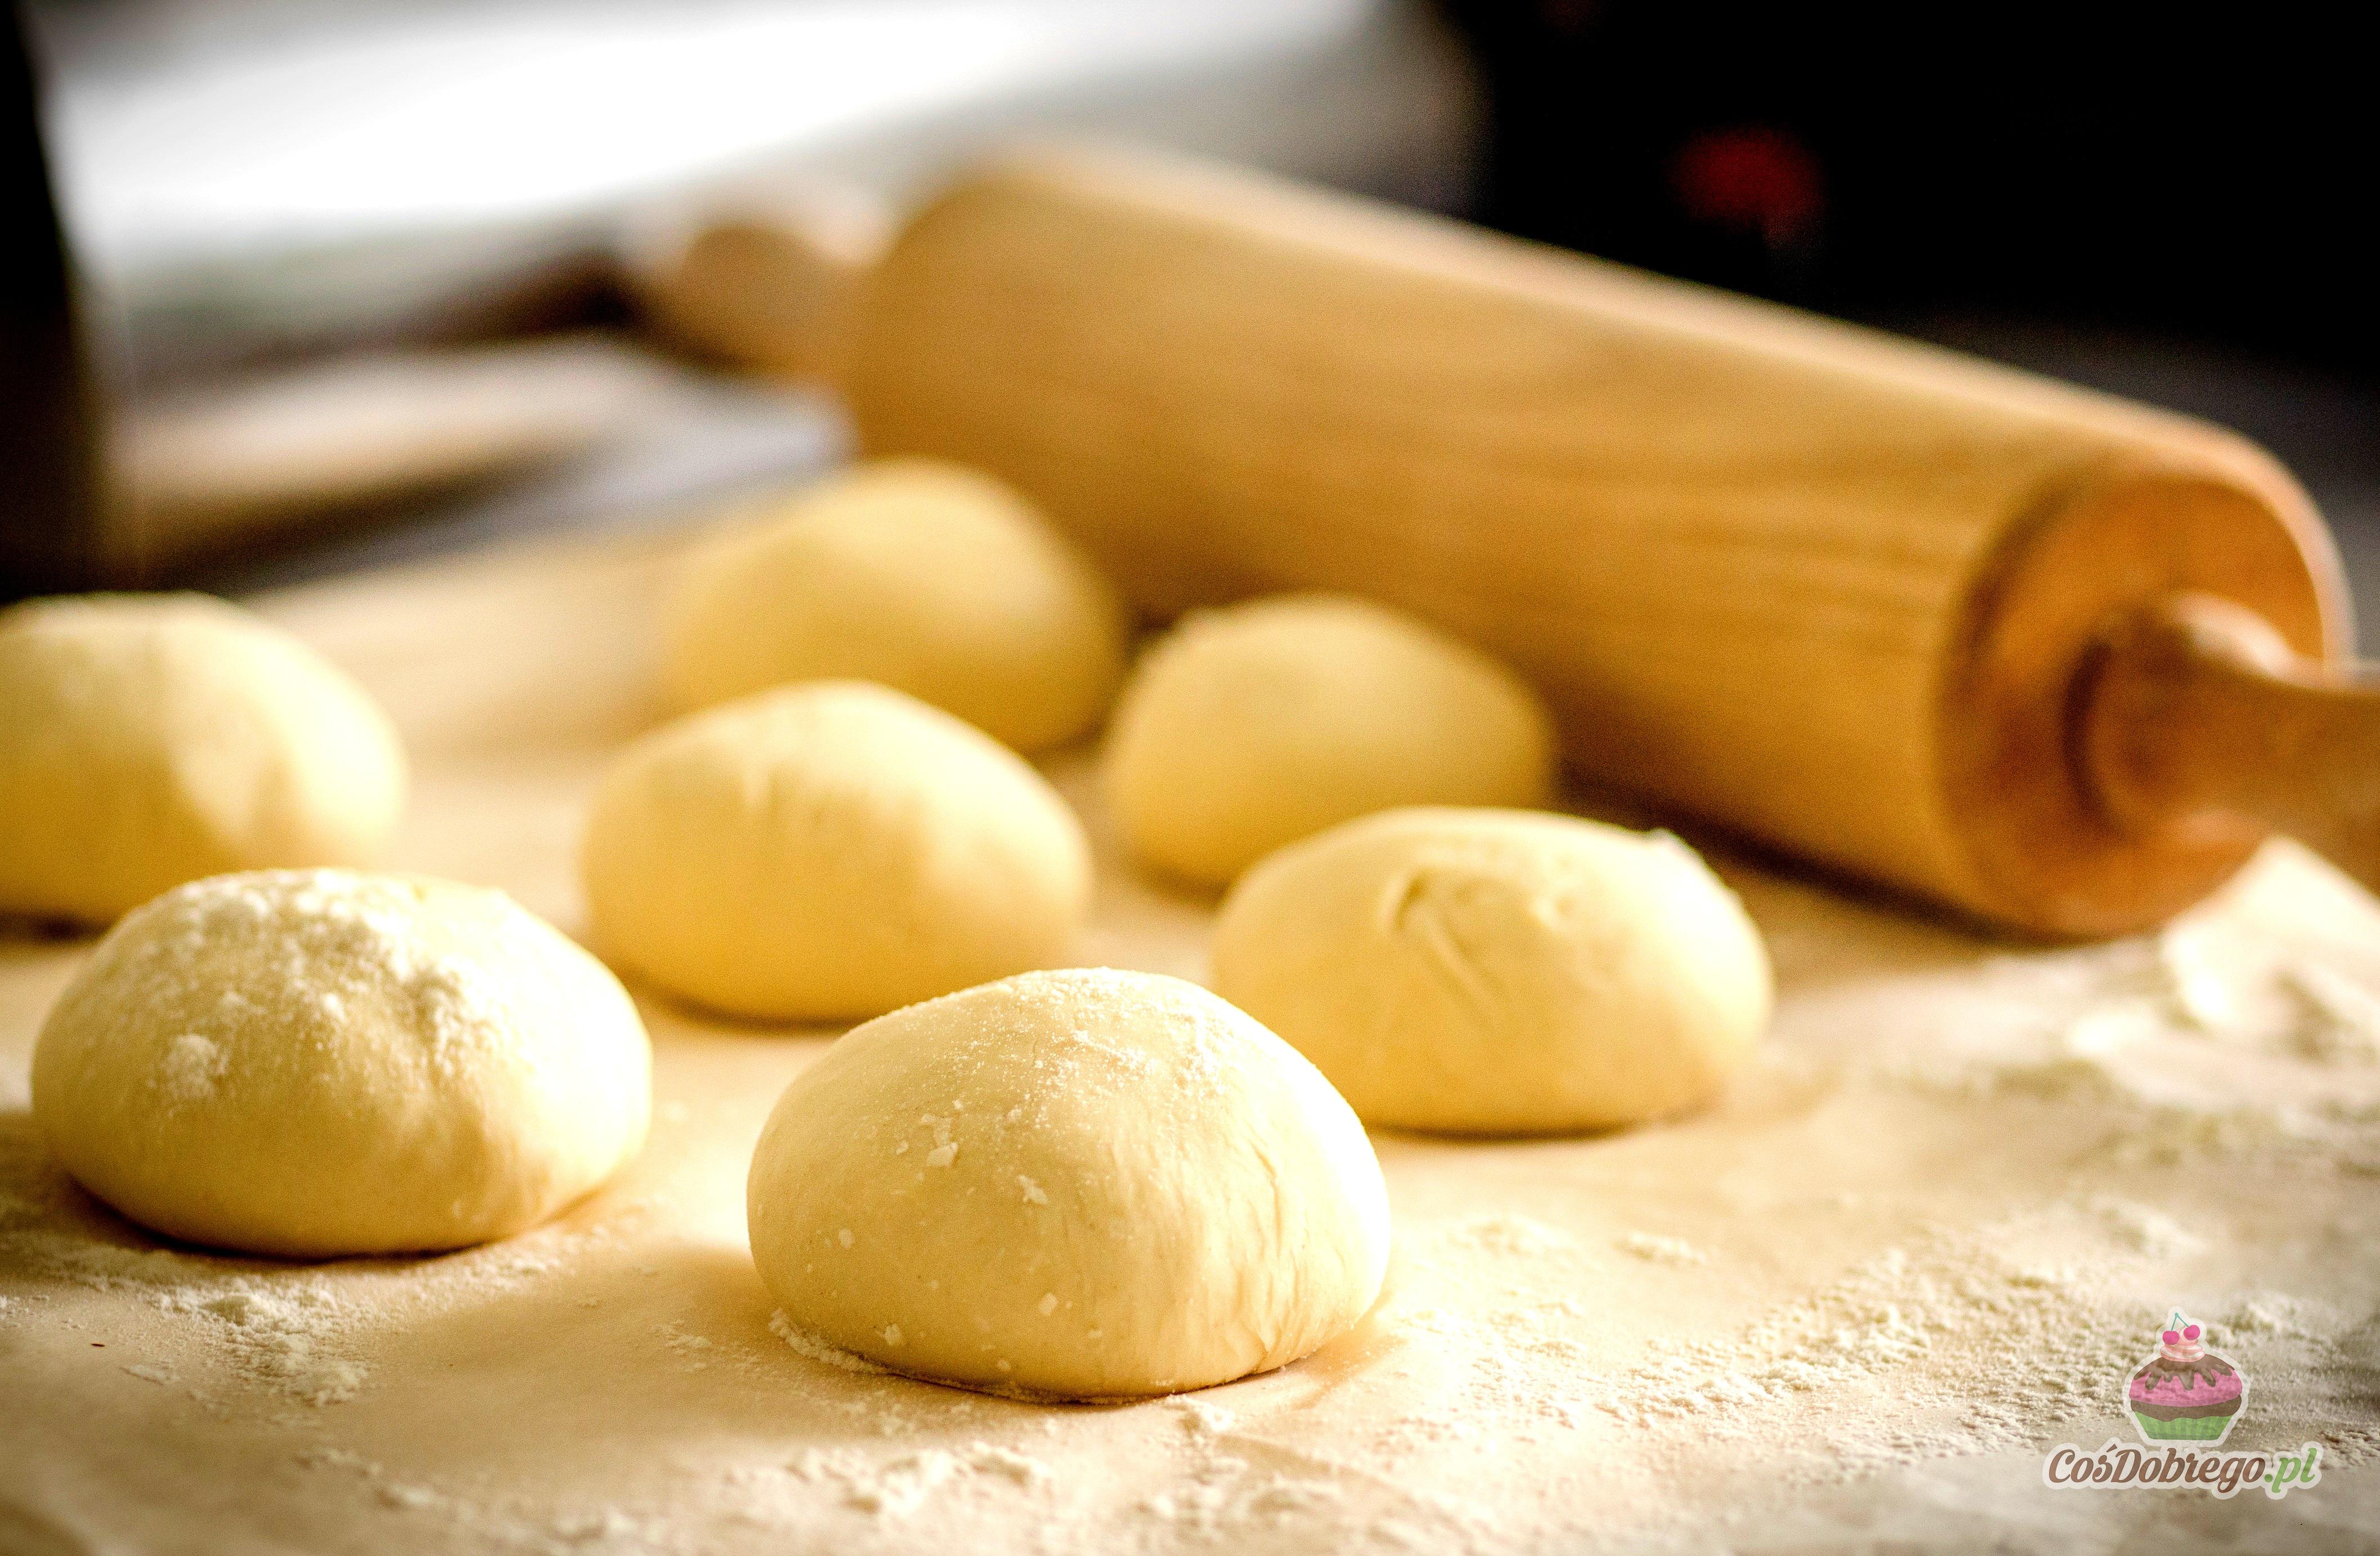 Znalezione obrazy dla zapytania przesiewanie mąka